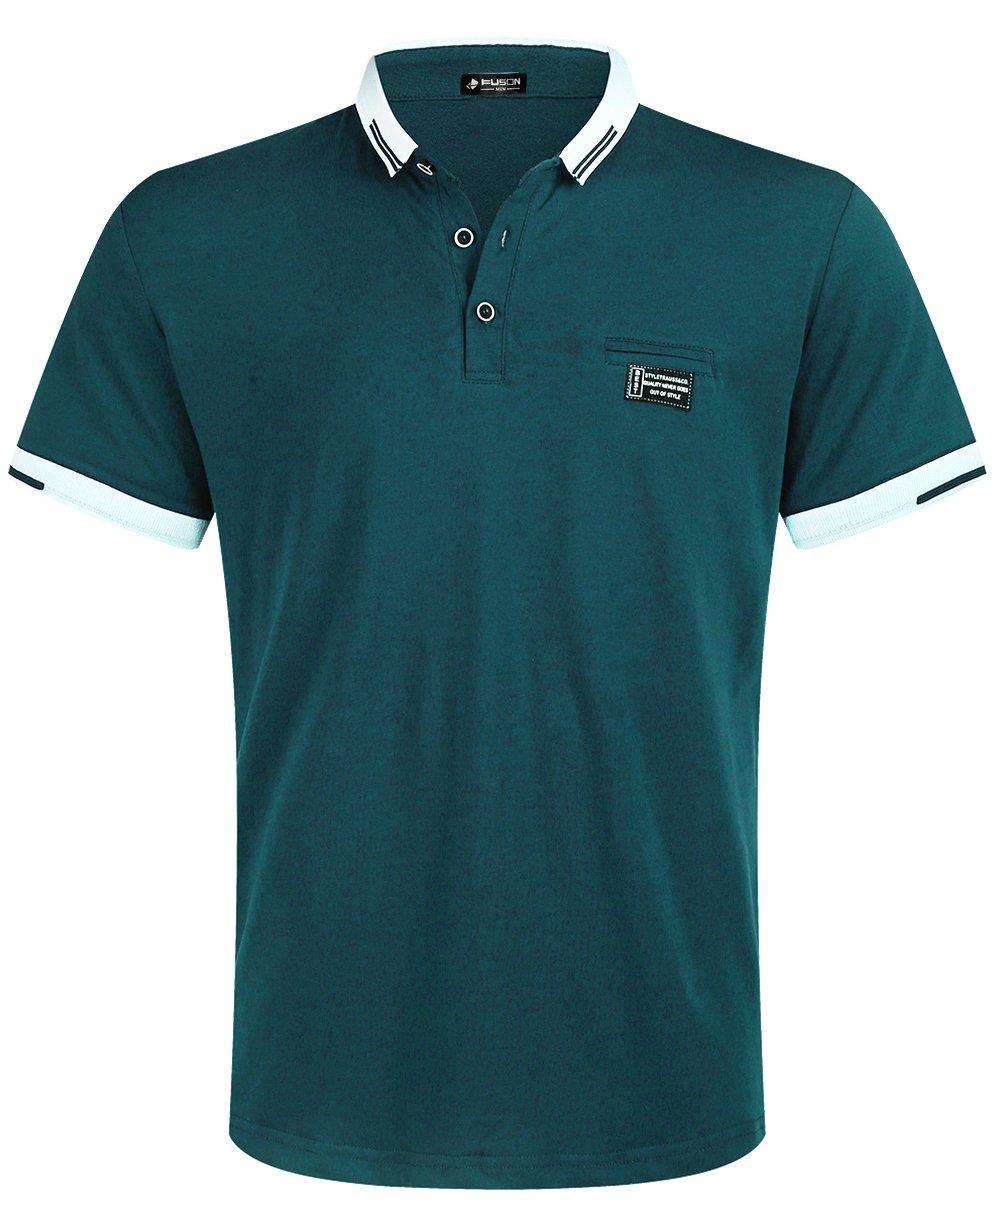 Musen Men Short Sleeve Polo Shirt Cotton Regular Fit T-Shirts Dark Green L